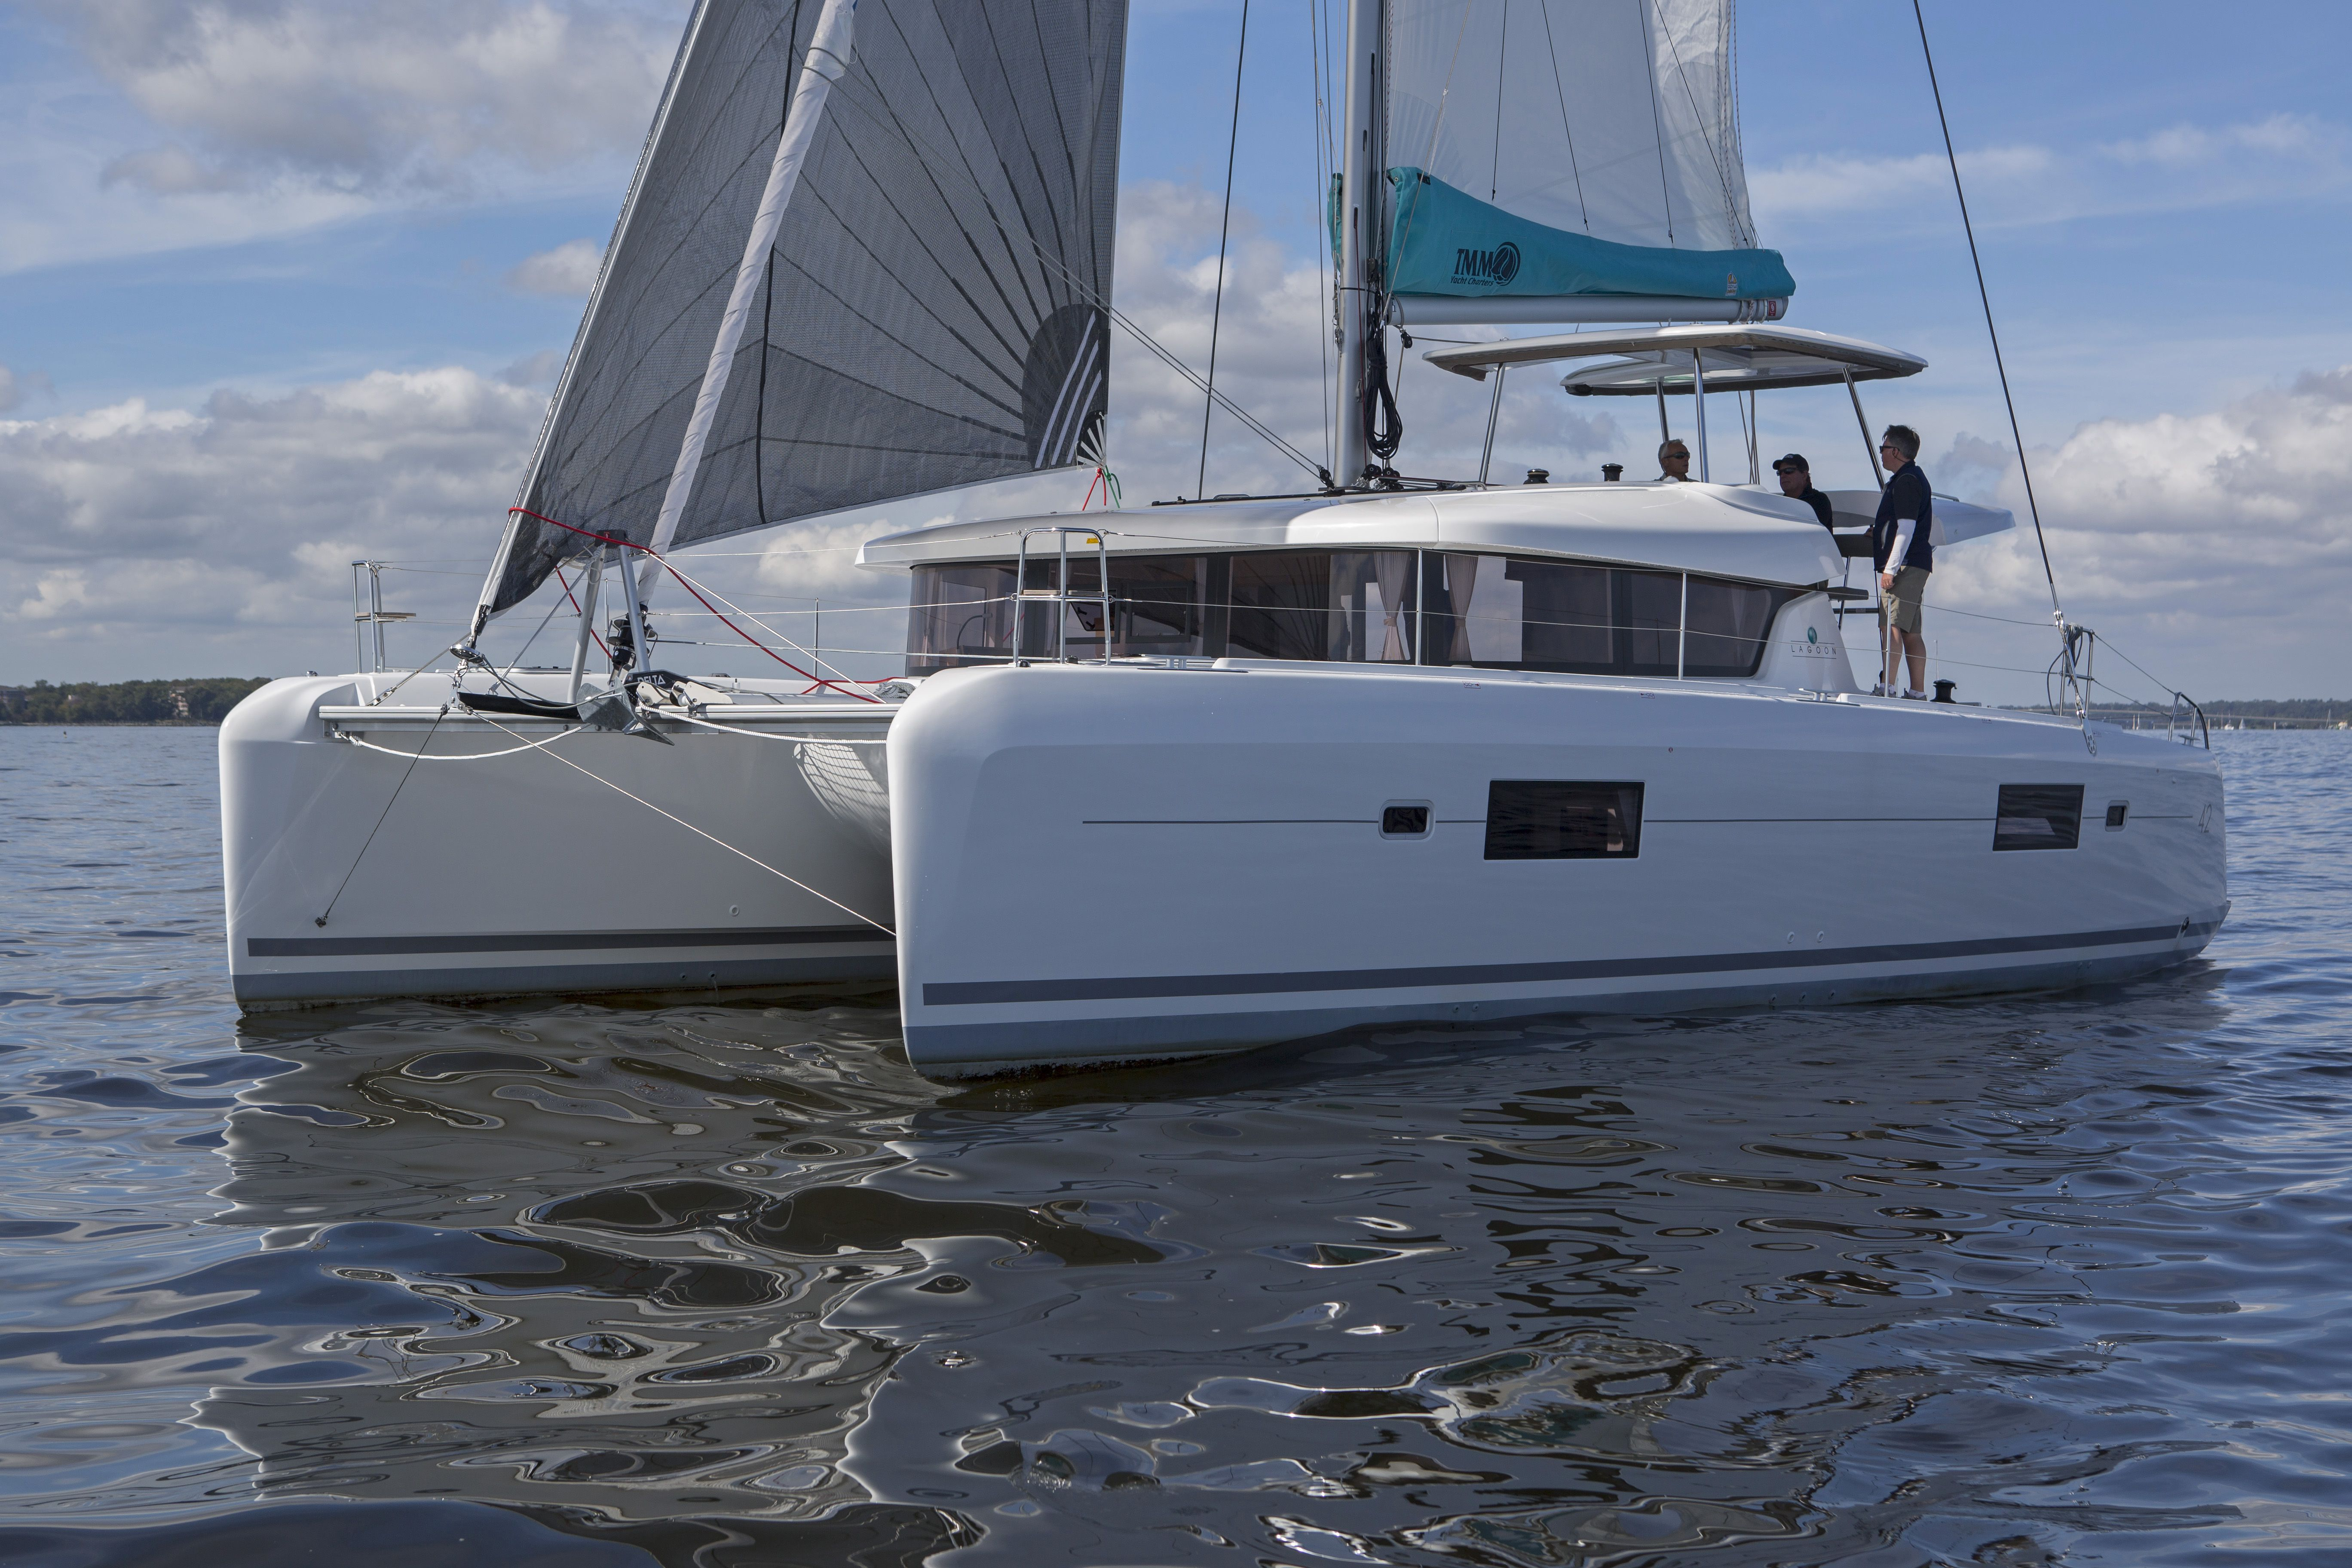 Best Full-Size Multihull Under 50 Feet | Cruising World